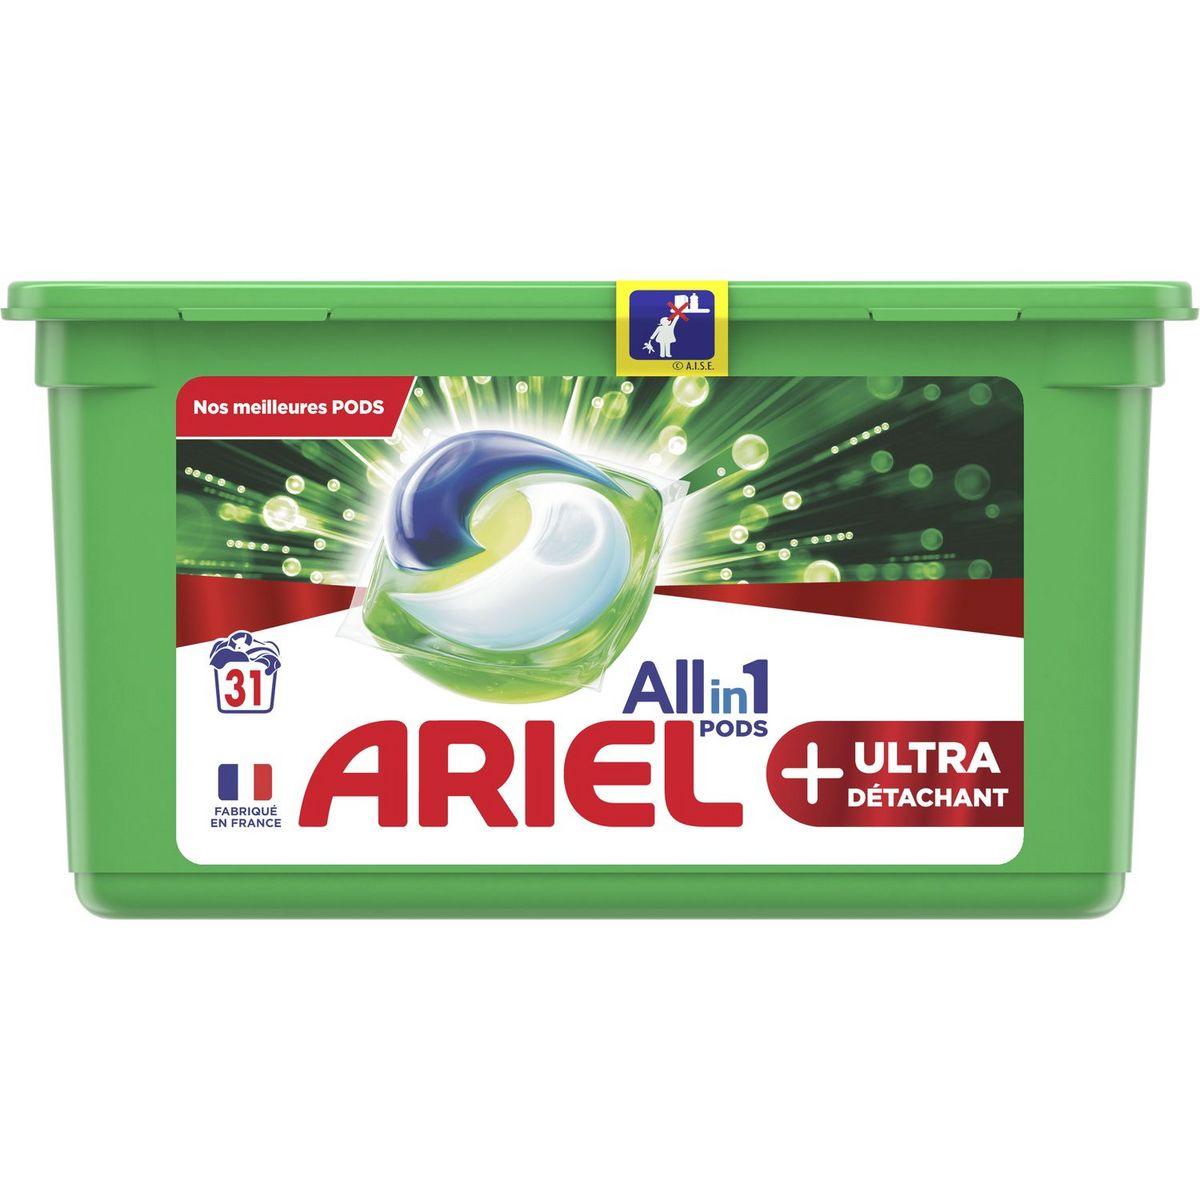 Boite de lessive en capsules Ariel All-in-1 Pods+ 31 lavages (via 8.91€ sur la Carte de Fidélité) - Magasins participants